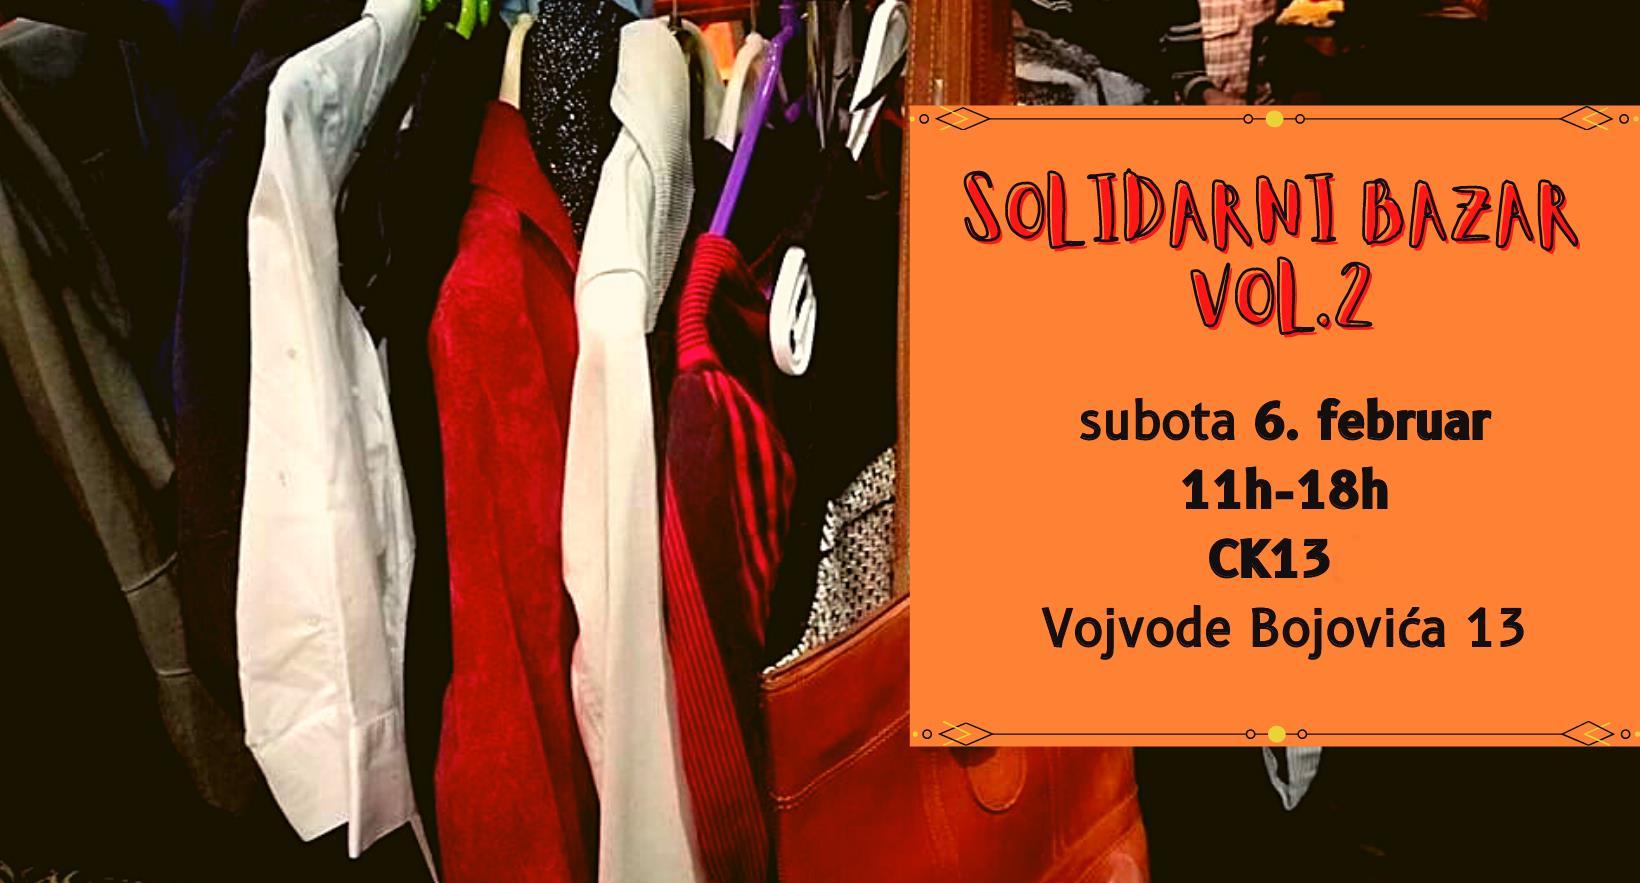 Solidarni bazar u Crnoj kući